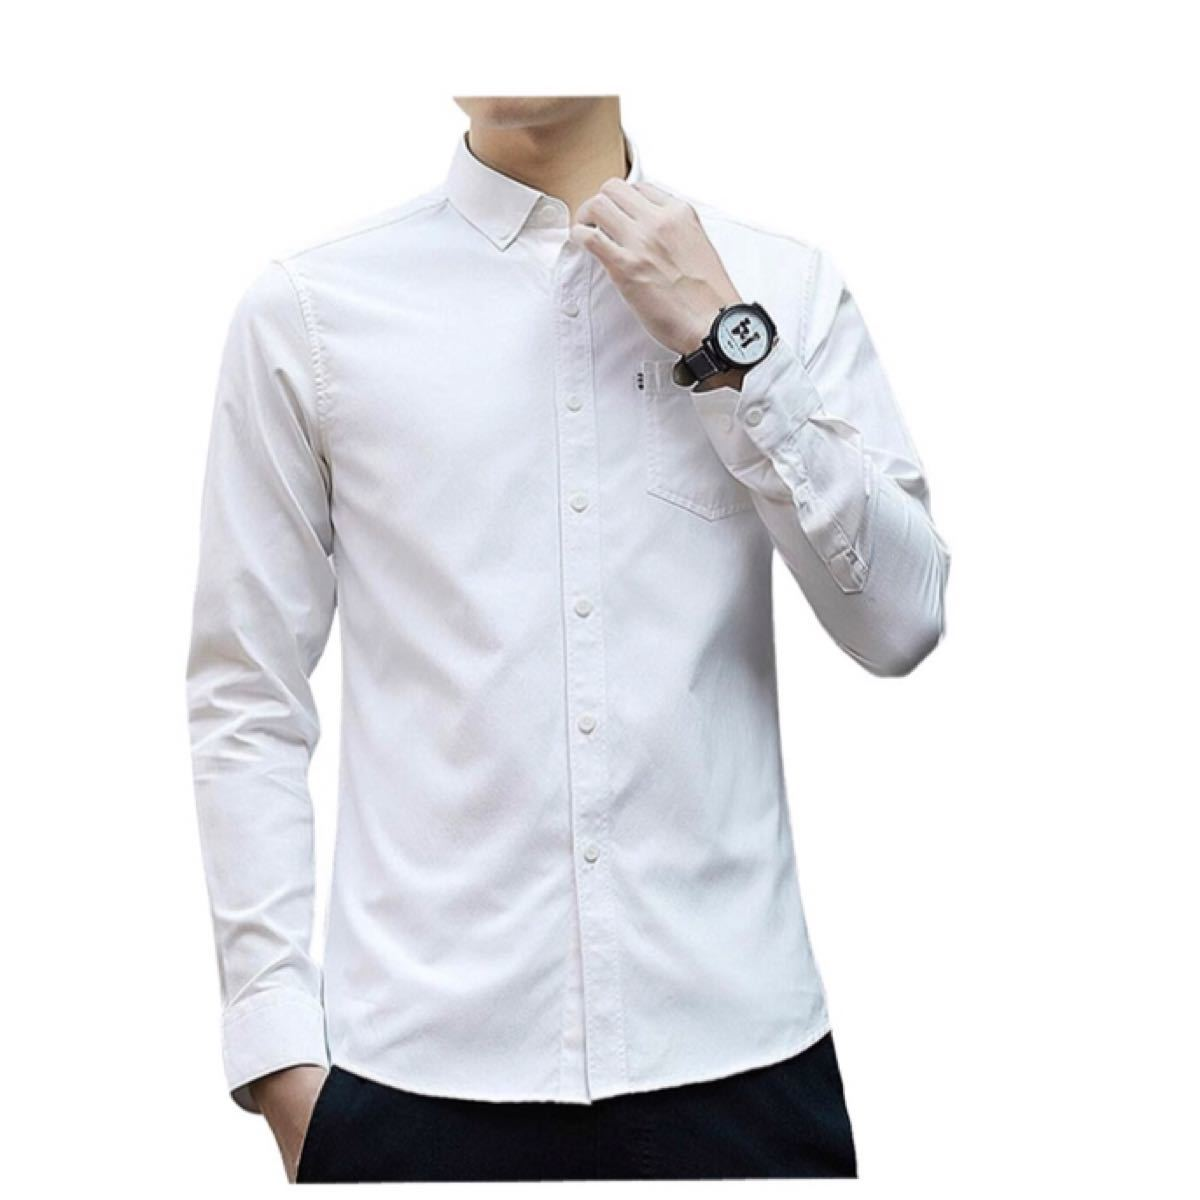 シャツ メンズ 長袖 秋服 無地 オックスフォード シャツ オシャレ